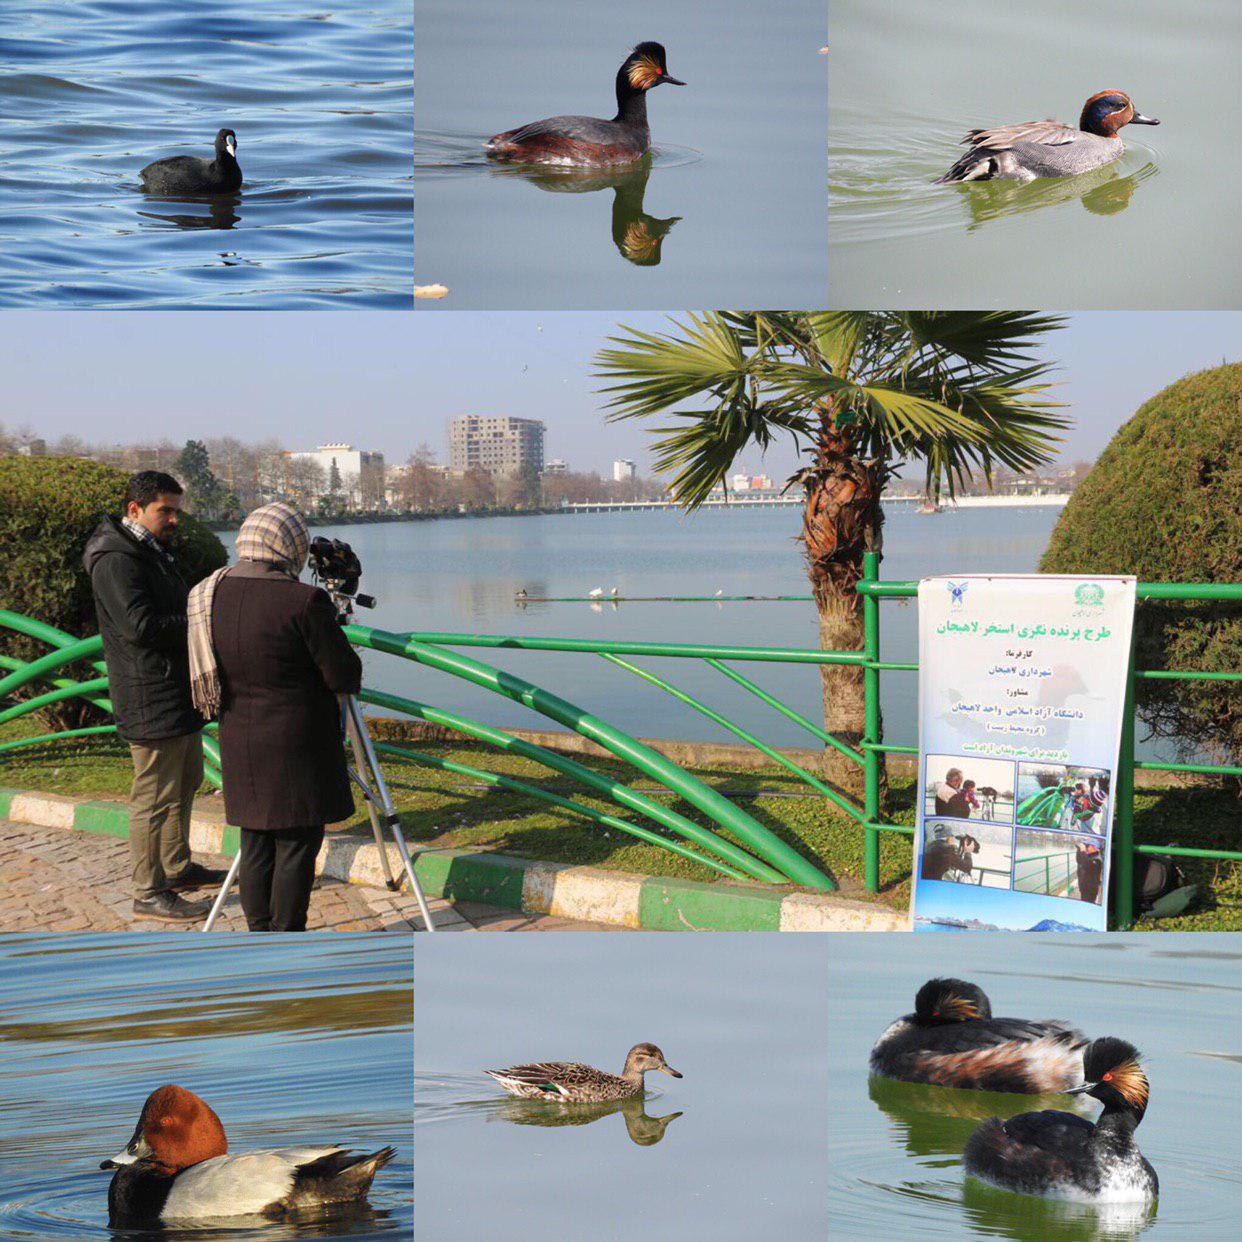 طرح پرنده نگری در استخر لاهیجان با استقبال همراه شد